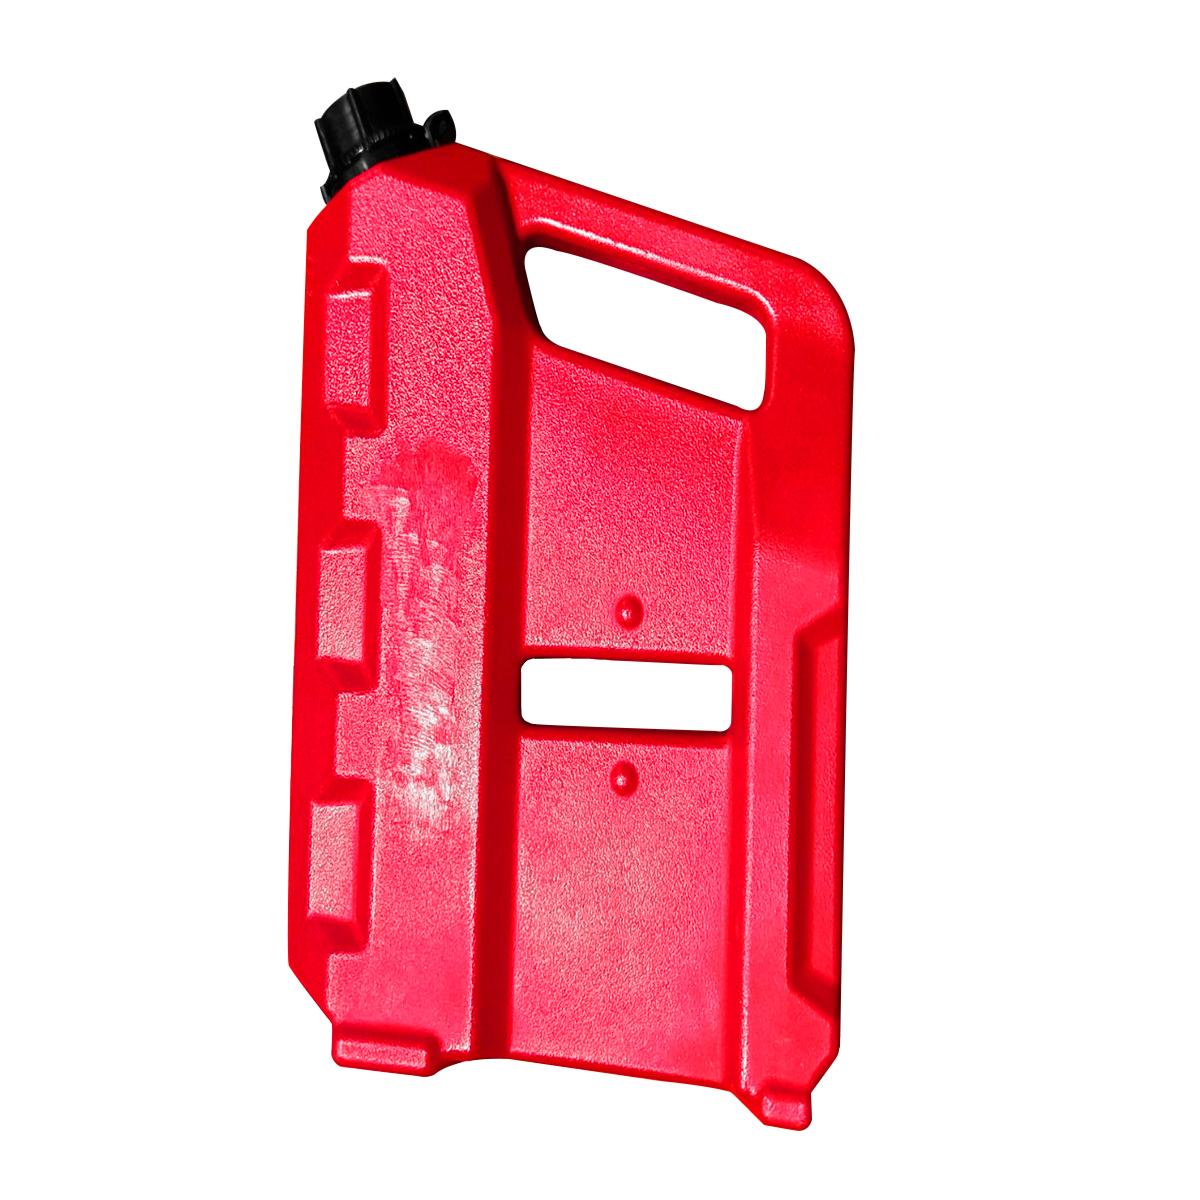 SHARK plastový kanyster na benzín 5L